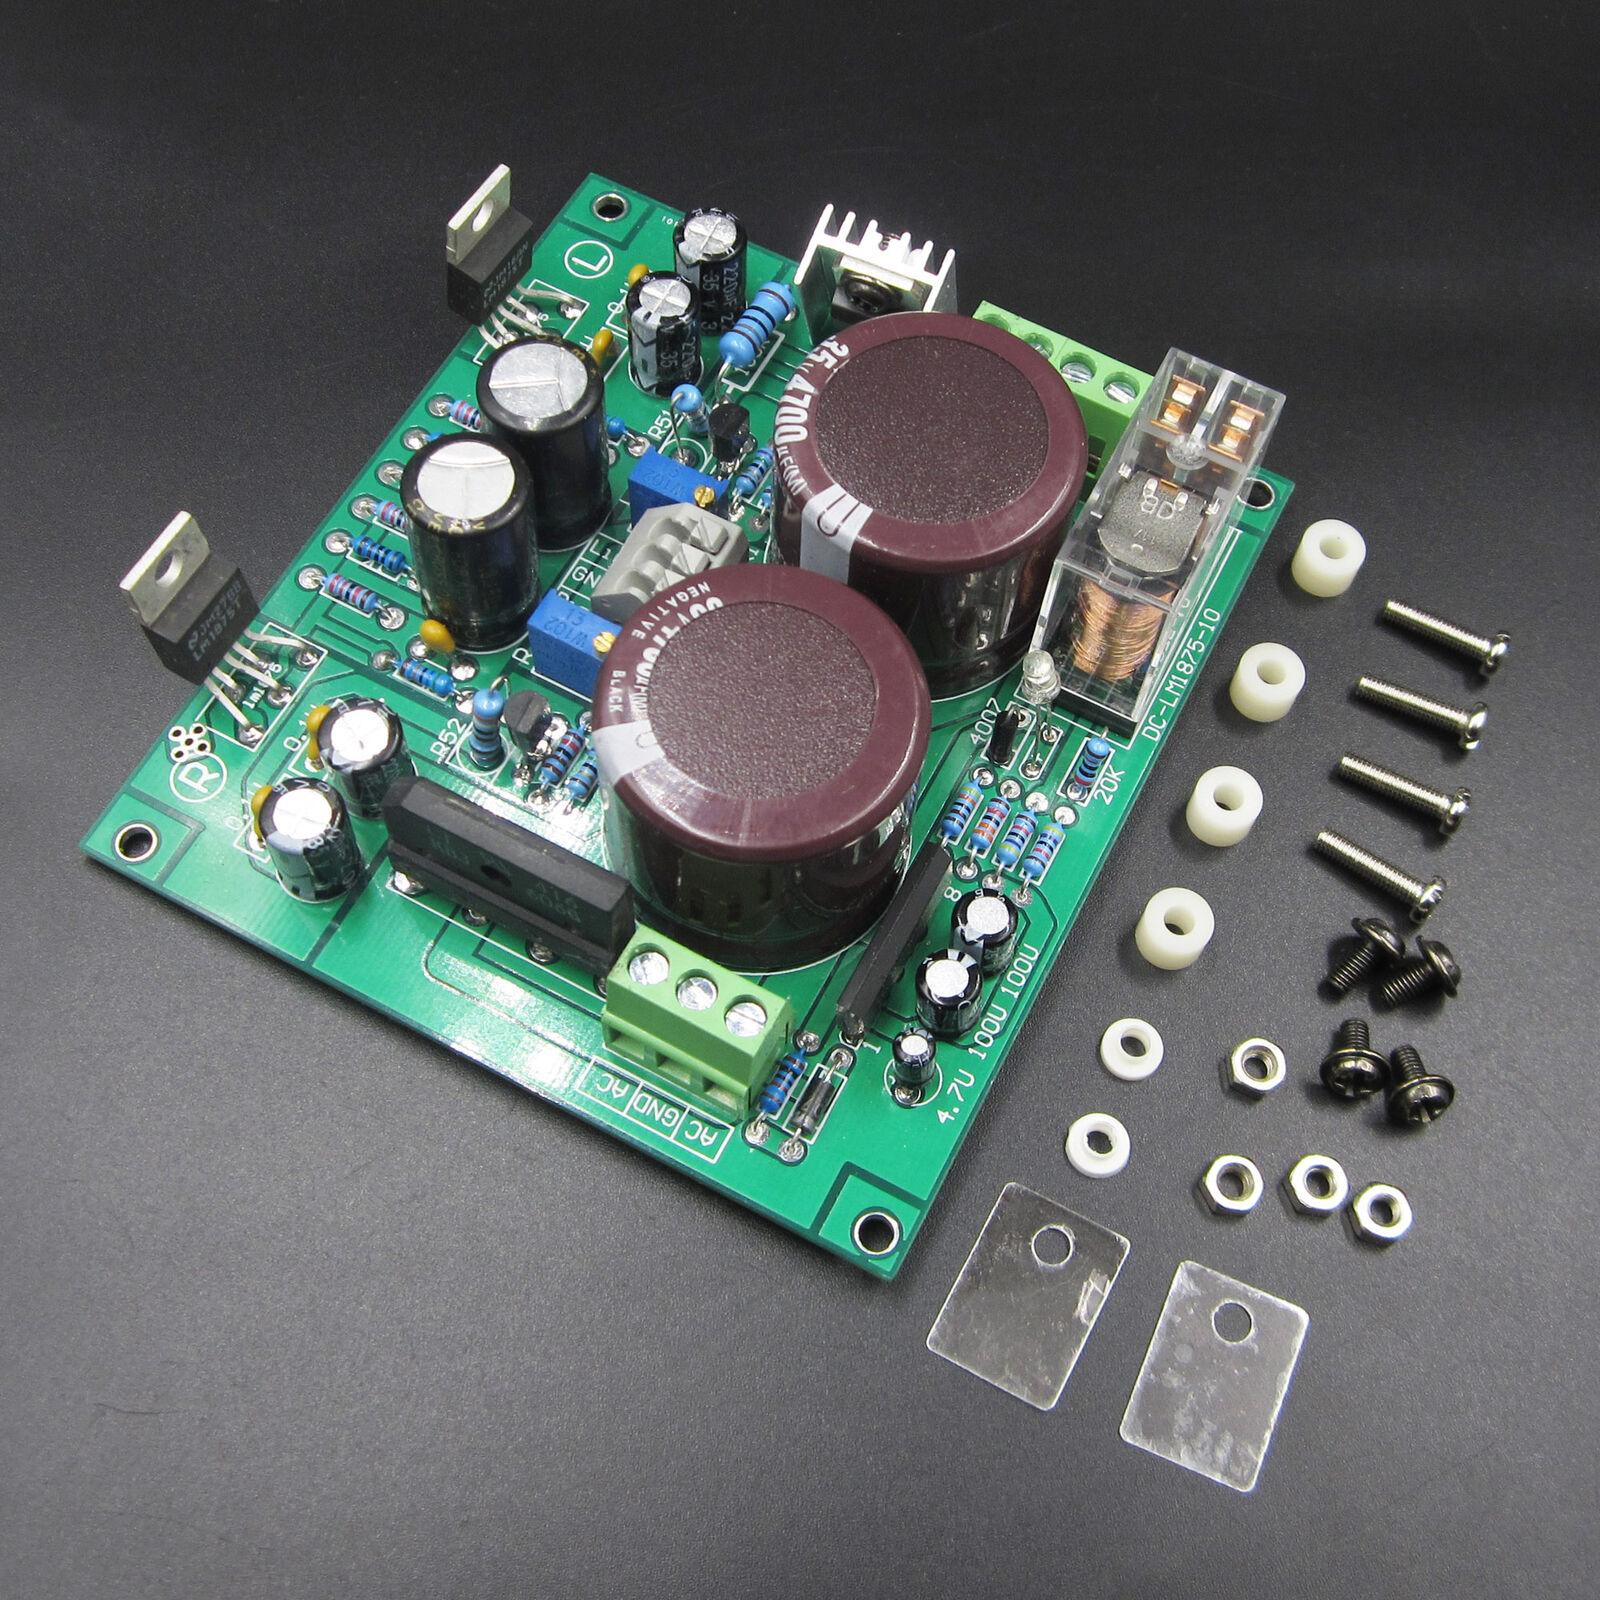 LM1875T 2.0 HIFI Power Amplifier Board 25W+25W Fever level amplifier board|MP3 Players & Amplifier Accessories| |  - title=